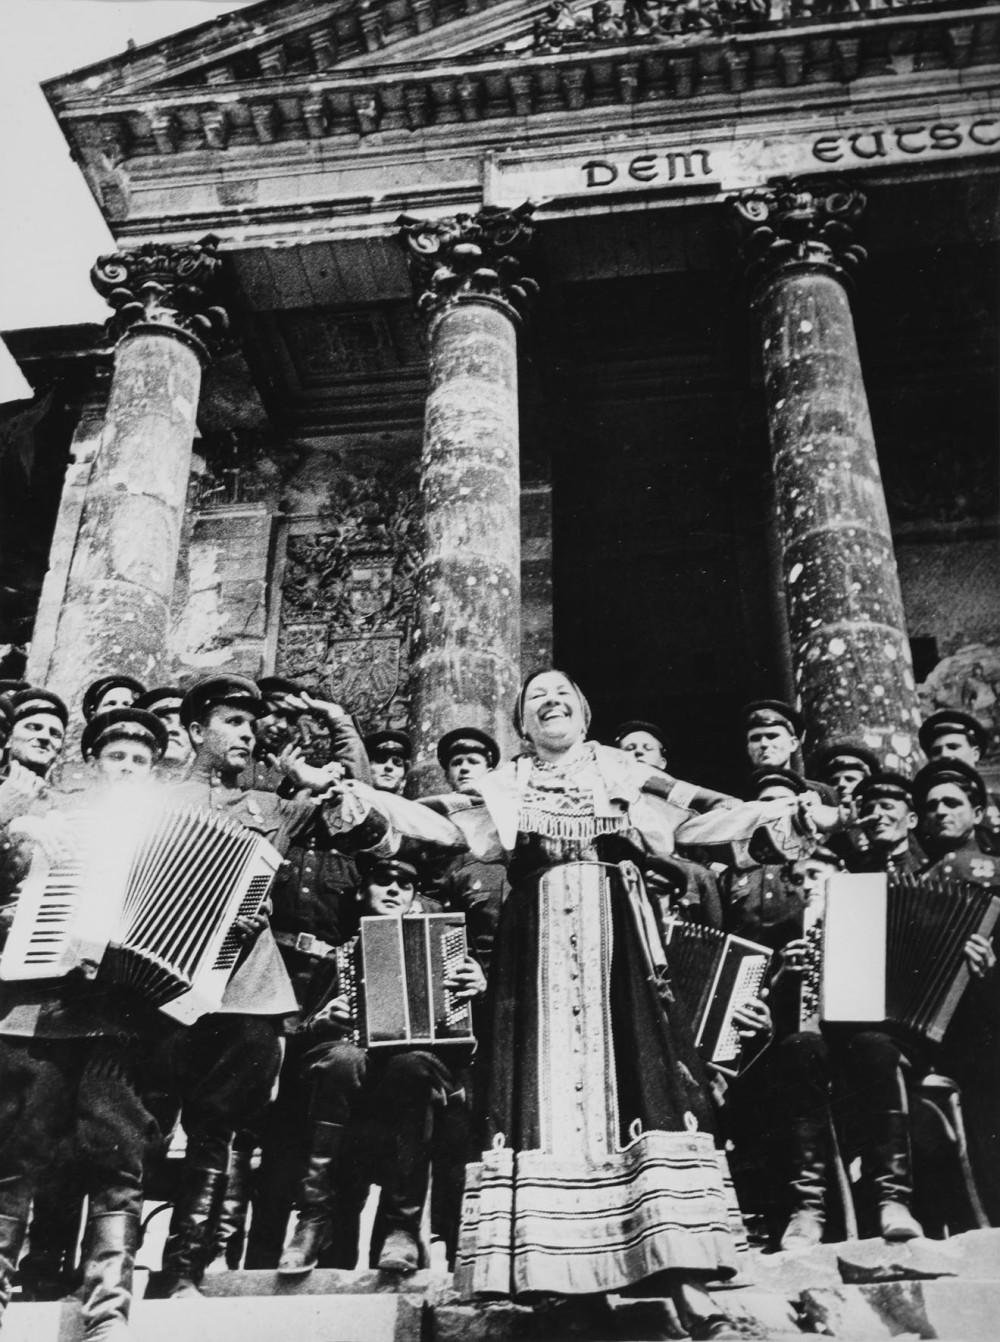 Катюша в исполнении Лидии Руслановой. Берлин, май 1945. Фото: Григорий Петрусов